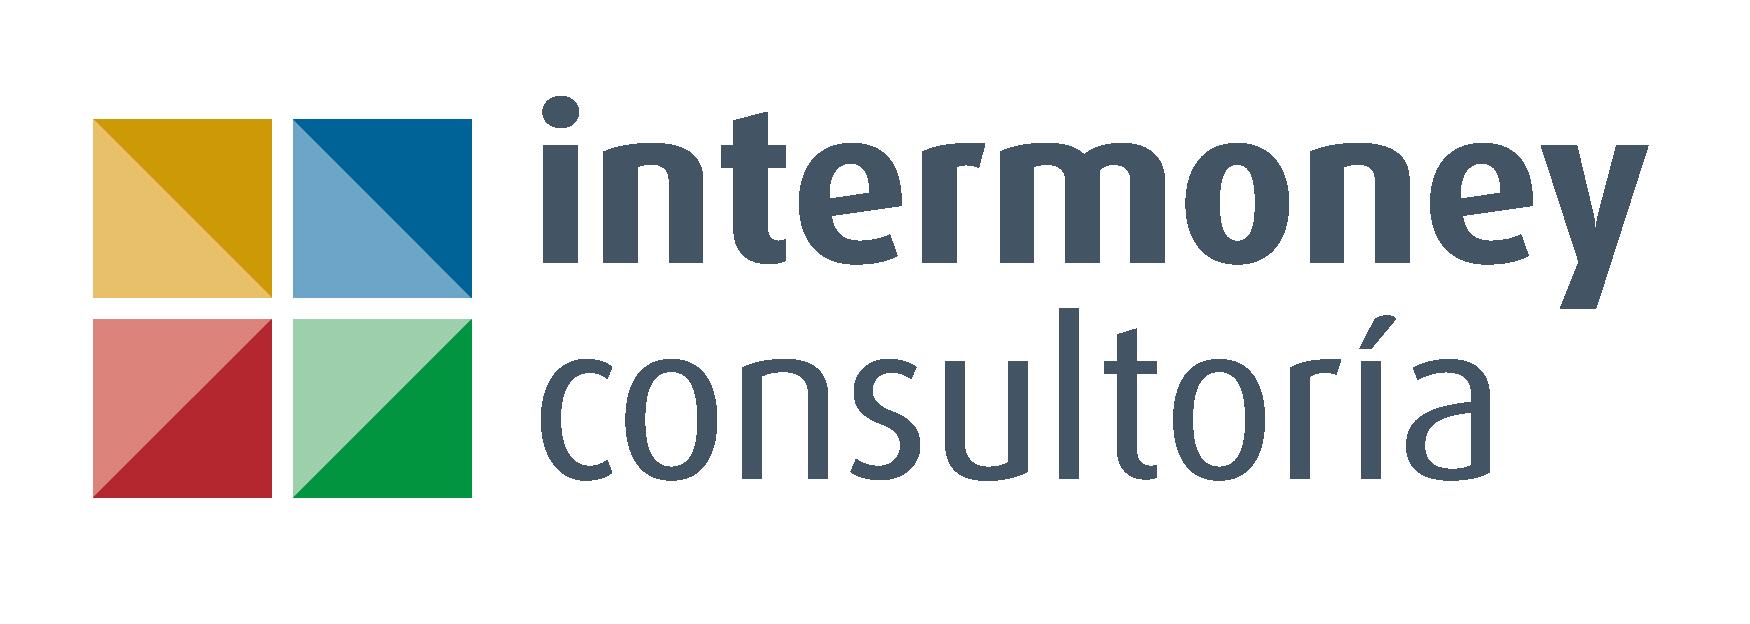 intermoney-consultoria